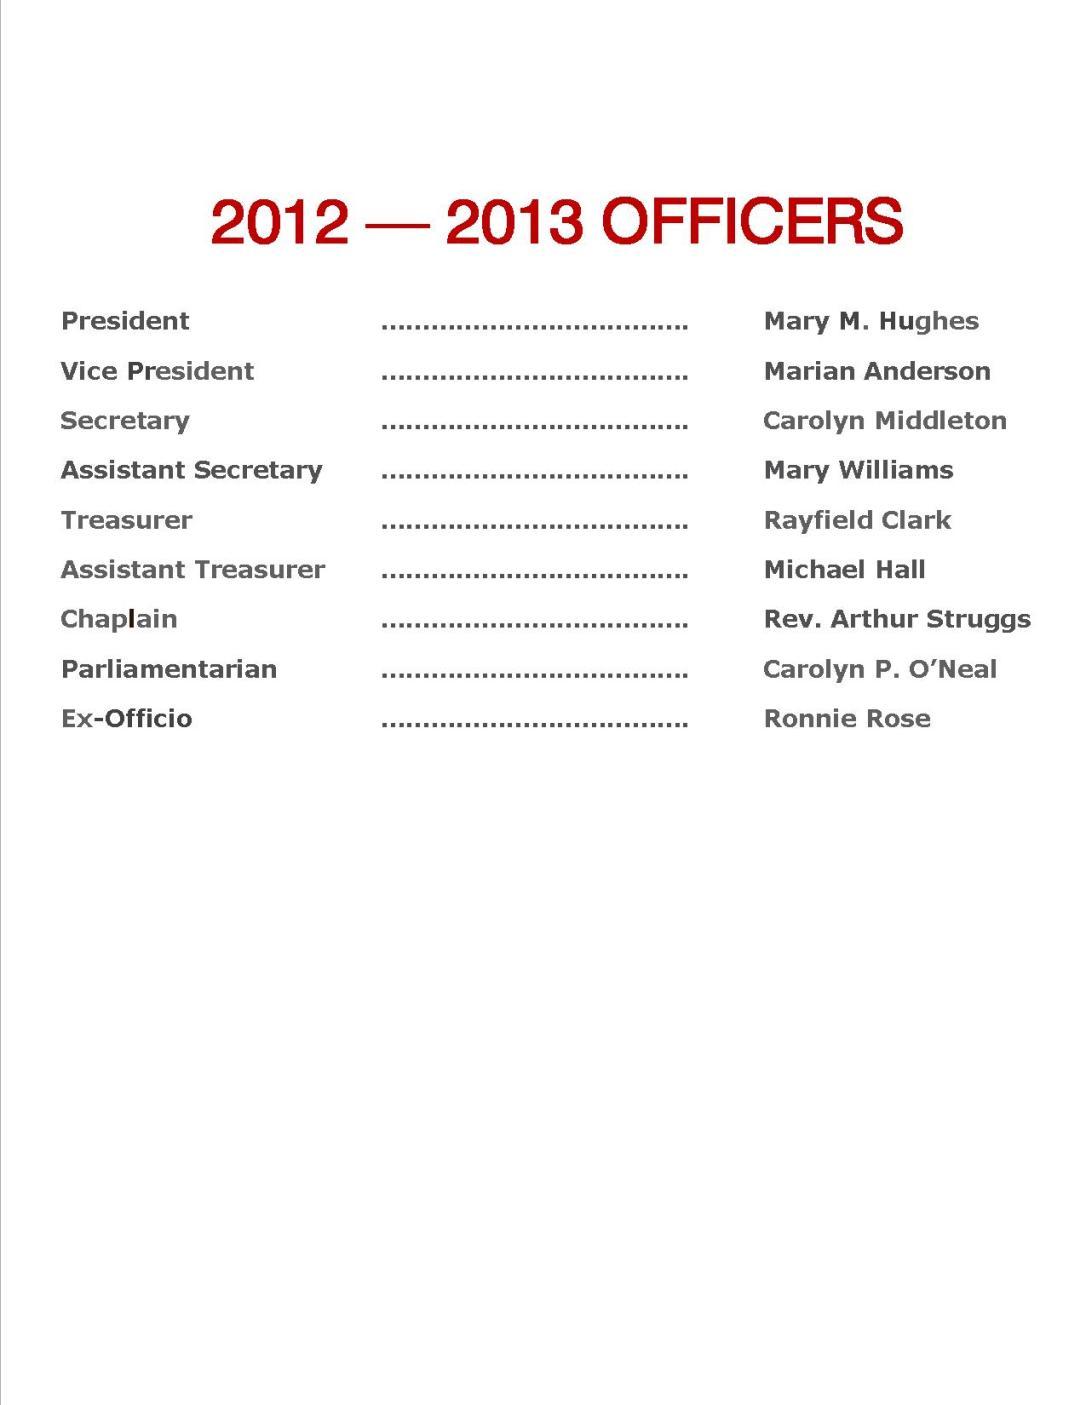 MHS Officer 2012_2014